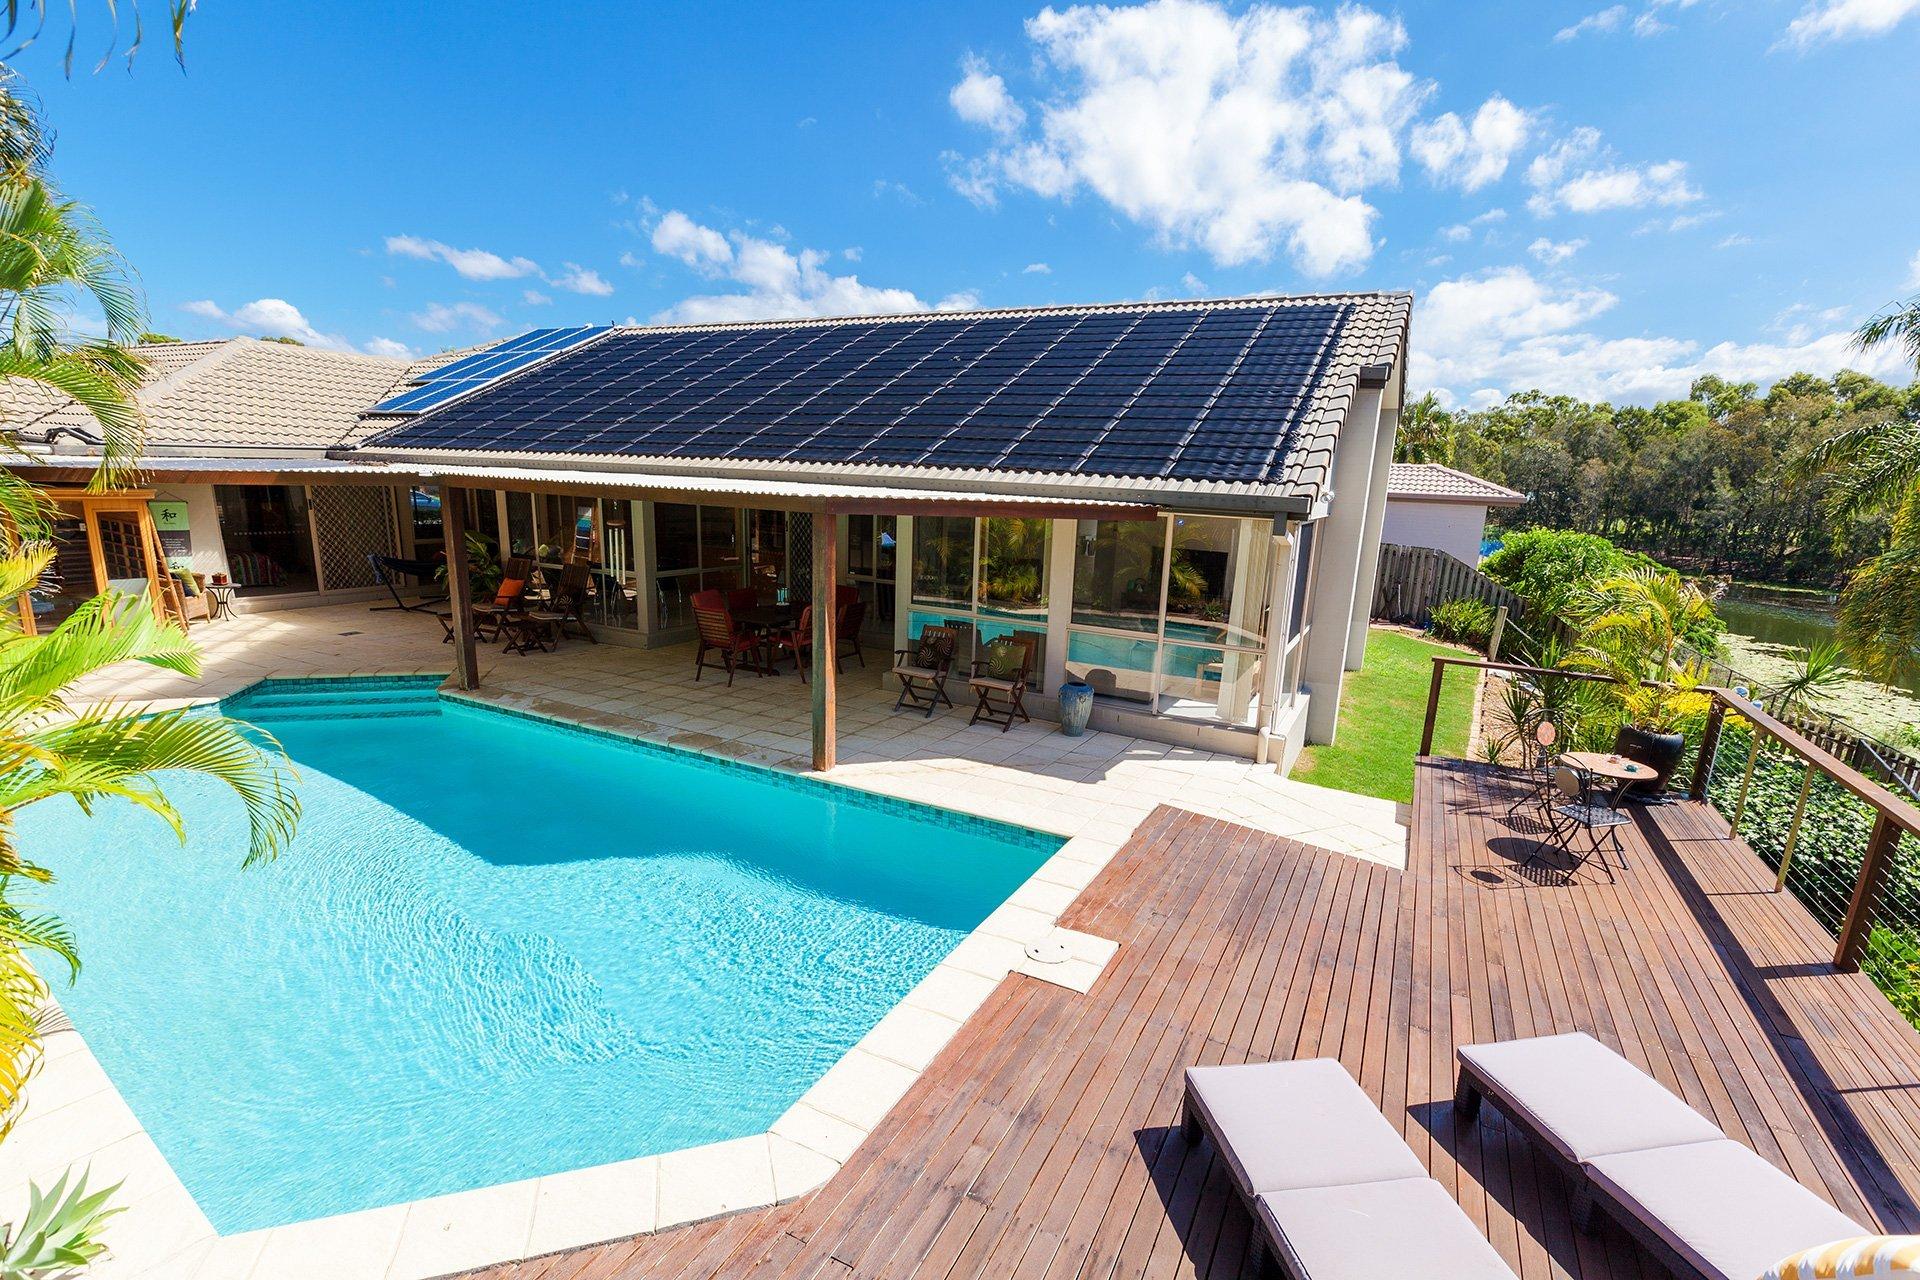 Piscina circondata da piattaforma di legno in una casa il cui tetto è coperto da collettori solari